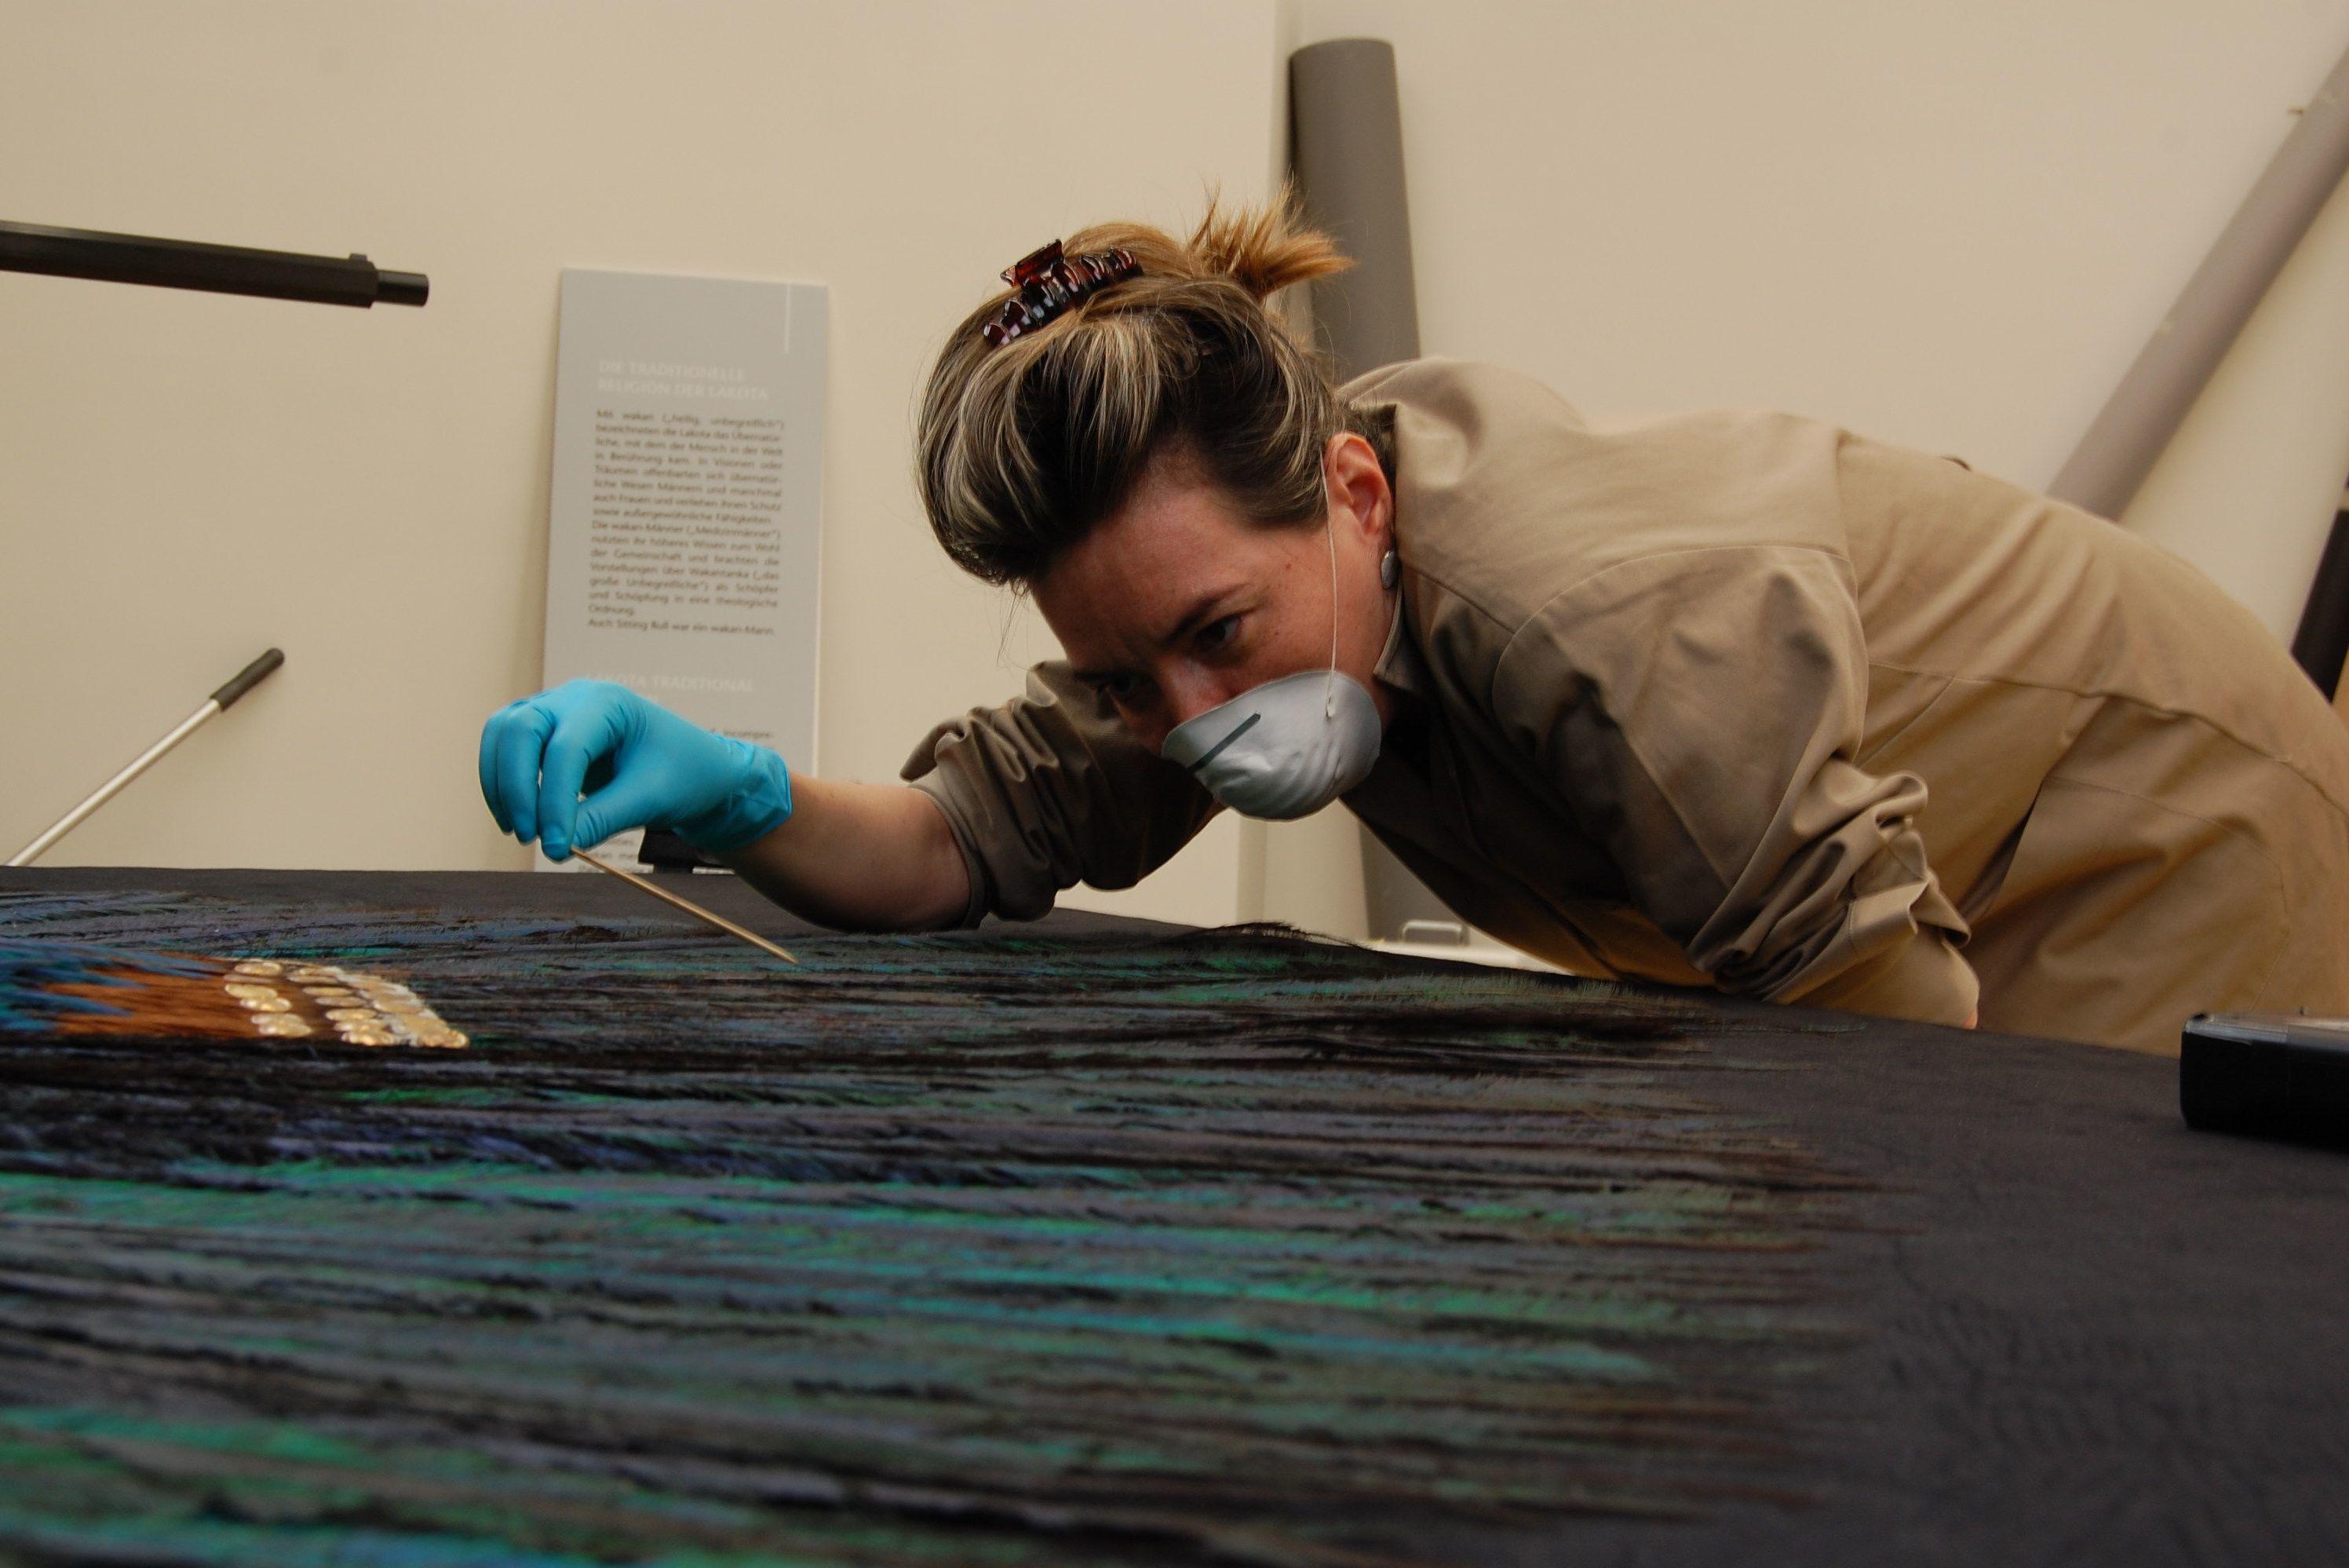 Archivo del proyecto binacional México - Austria 'Conservación del Penacho del México Antiguo', Museo del Mundo de Viena, junio de 2012